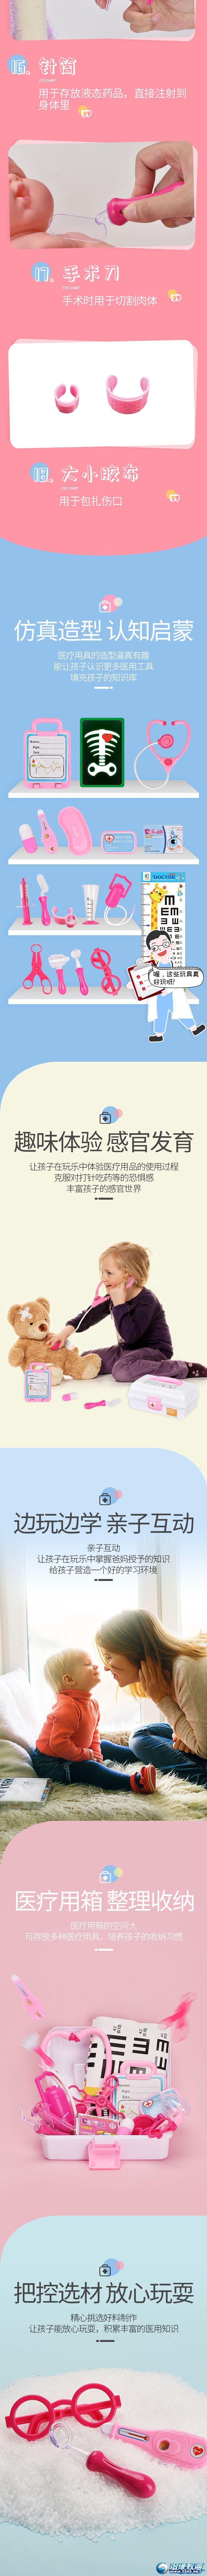 粤祺玩具厂-(4777-133)-医疗箱玩具-中文详情页_03.jpg